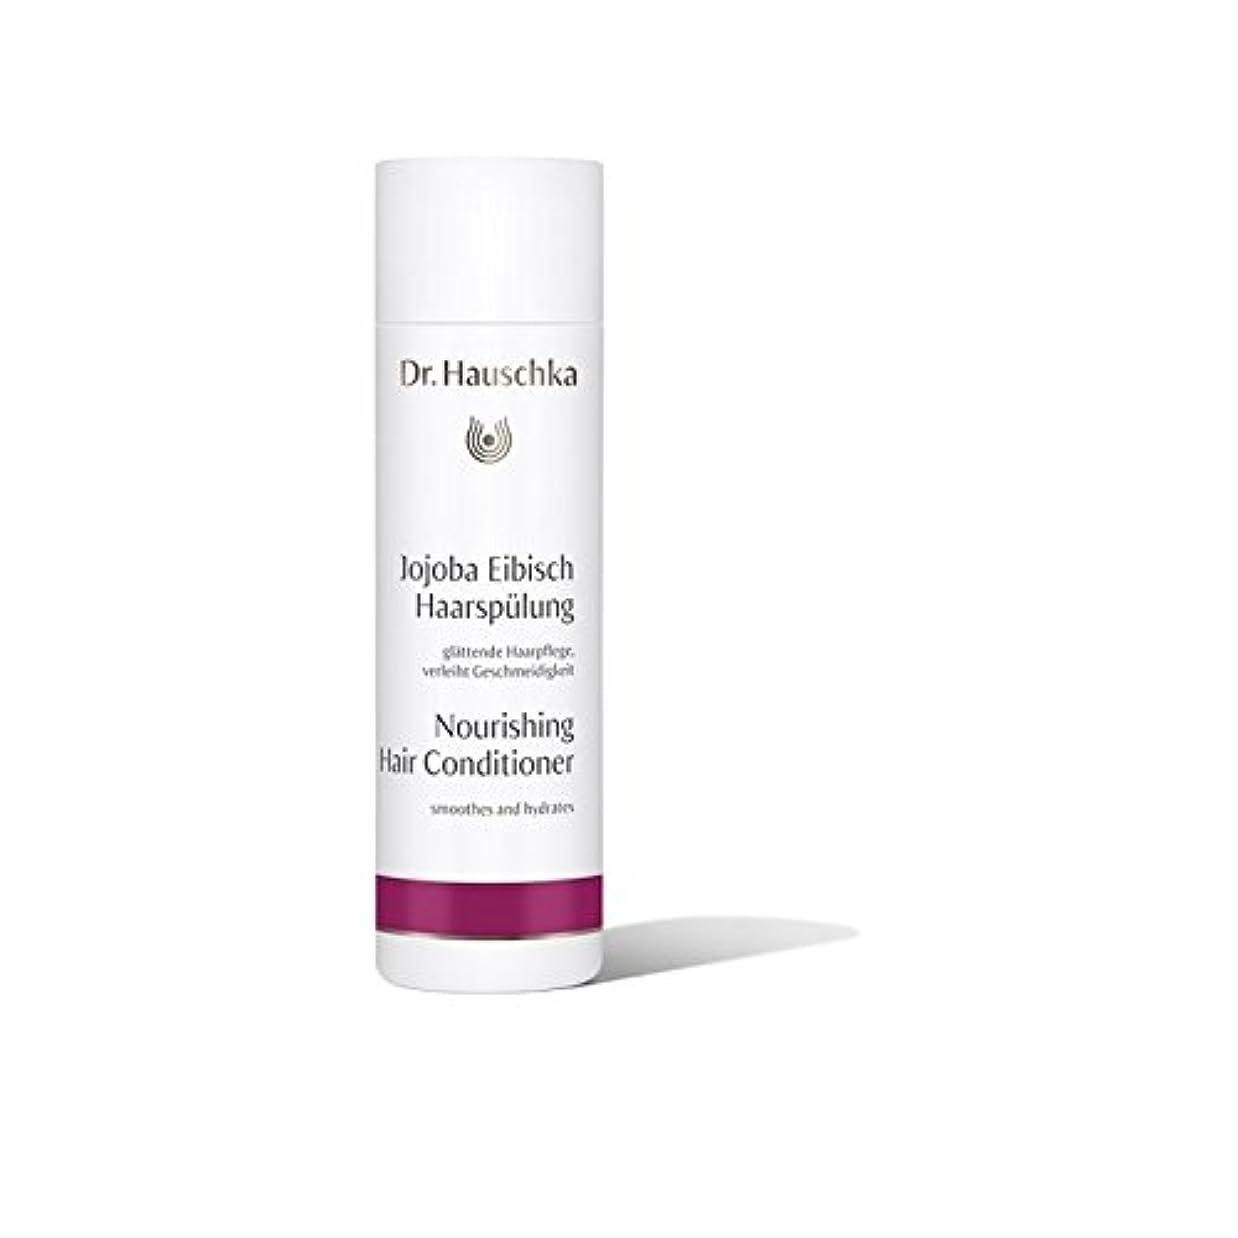 パイプラインショップ溶接Dr. Hauschka Nourishing Hair Conditioner (200ml) - ハウシュカ栄養ヘアコンディショナー(200ミリリットル) [並行輸入品]